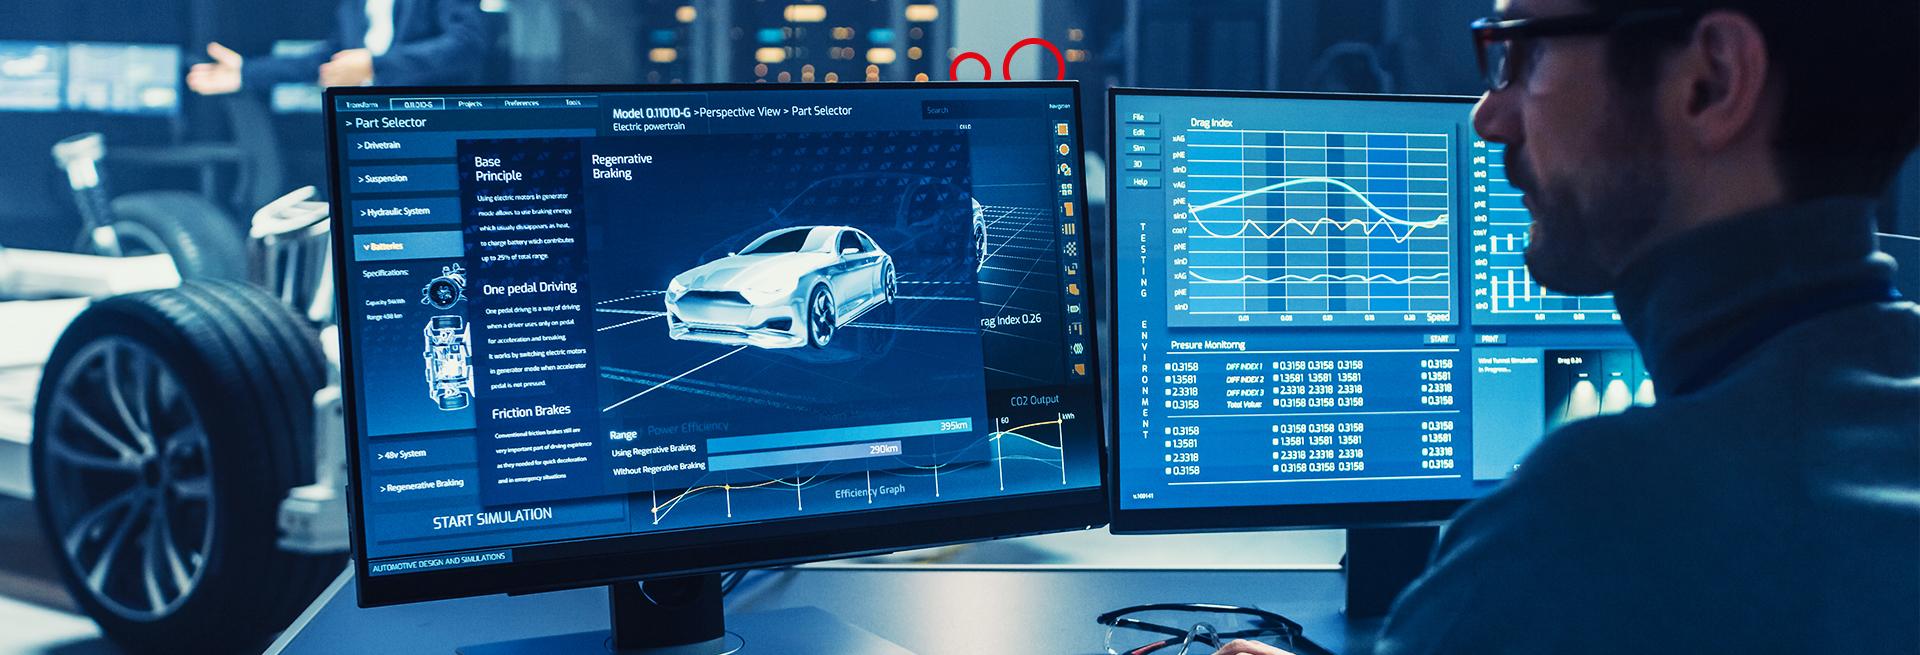 A pandemia trouxe à tona as necessidades e desafios da indústria automotiva, e pode impulsionar pesquisas para mudar a mobilidade antes do que se imagina.